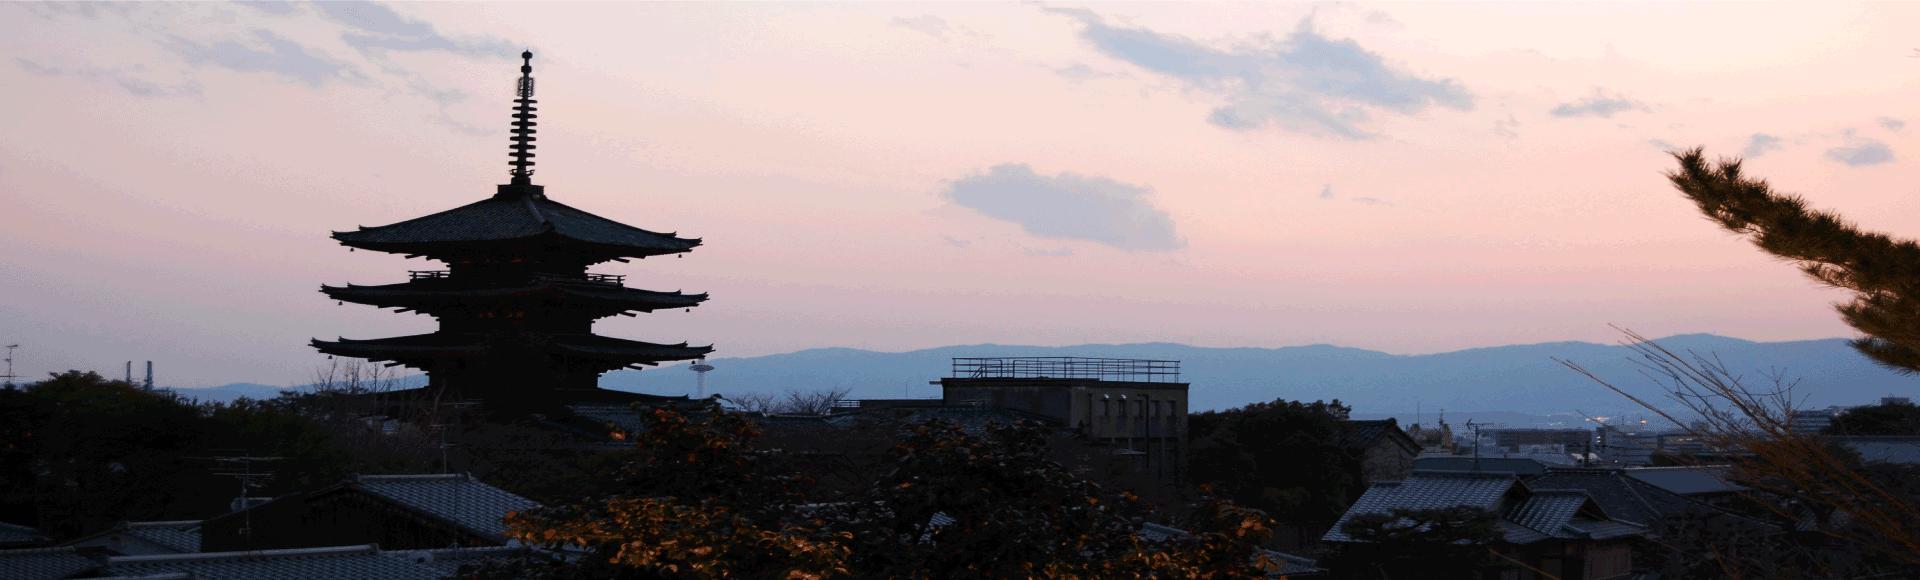 京都の魅力をみなさんと共有 ㈱エリアプロモーションジャパン